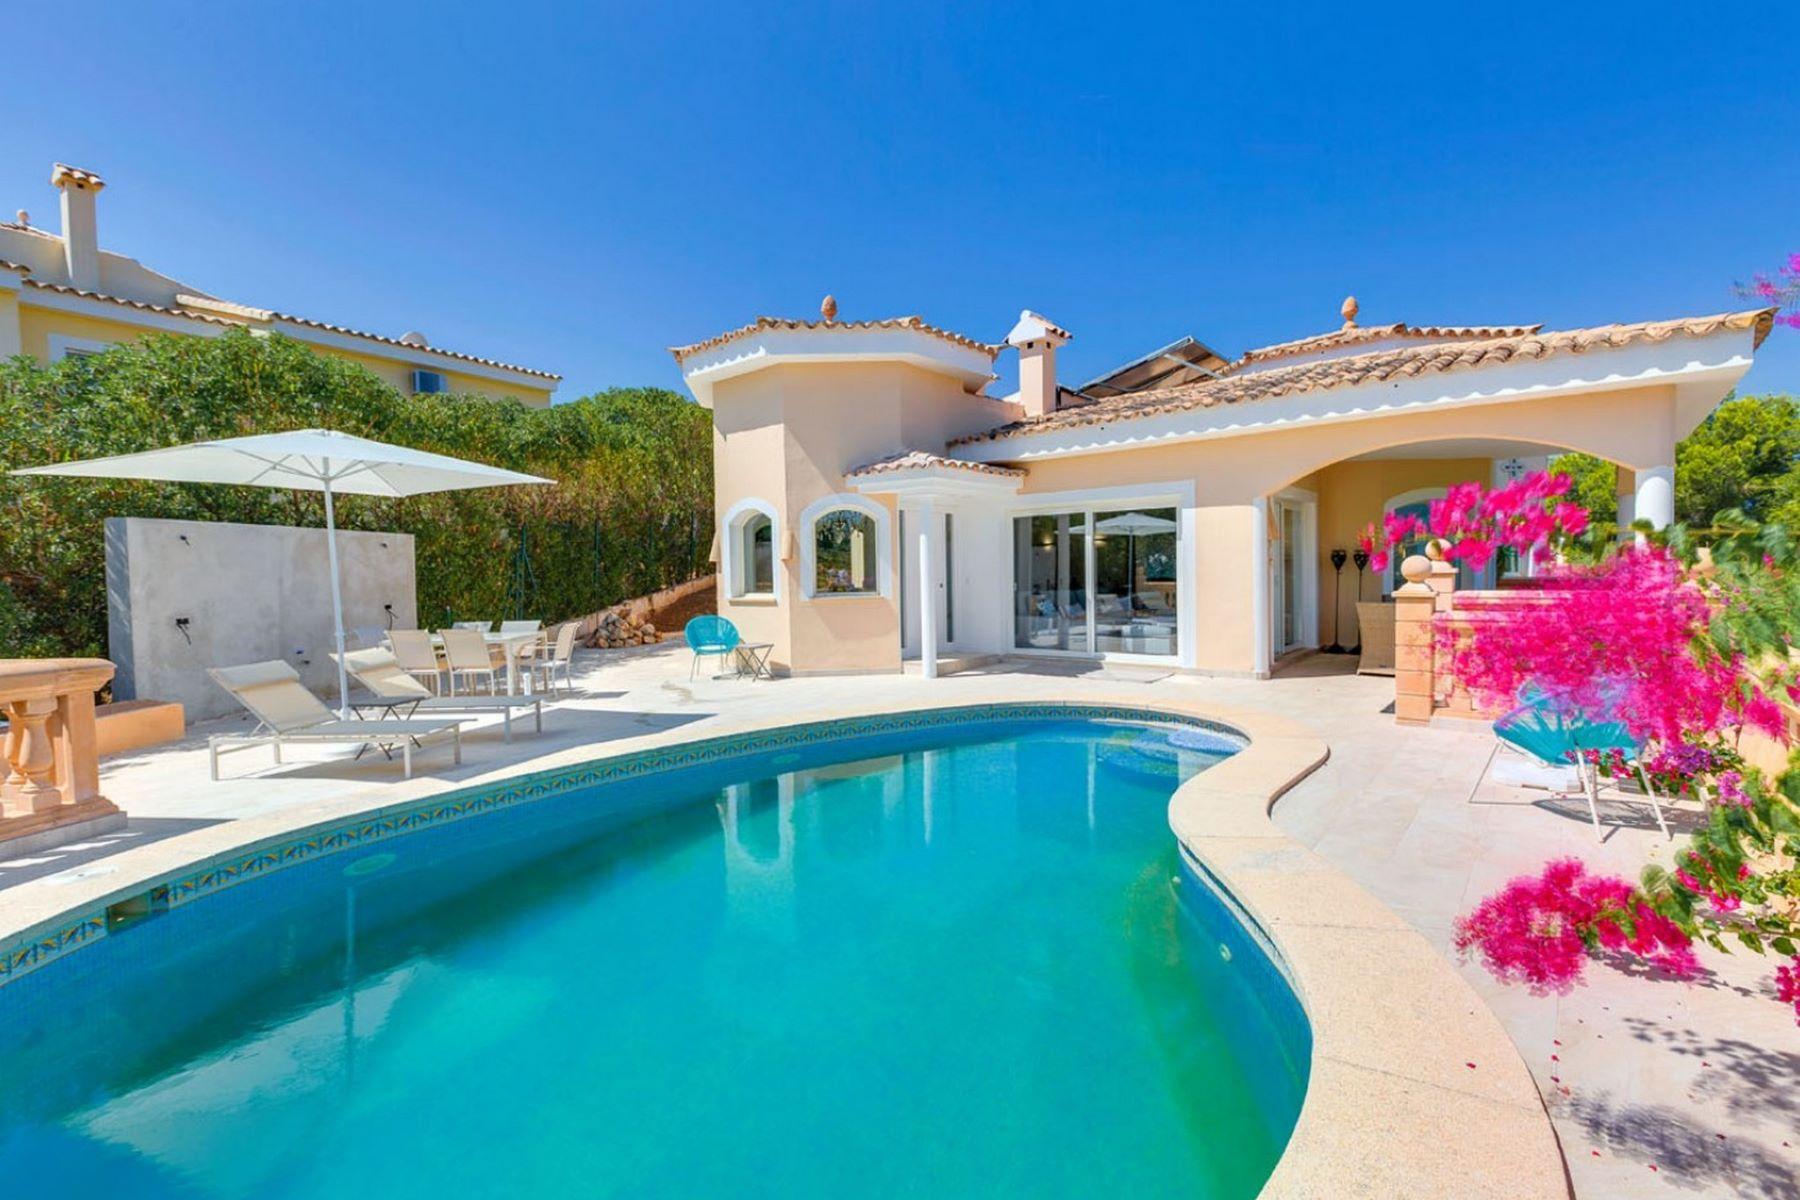 واحد منزل الأسرة للـ Sale في Chalet in Santa Ponsa Santa Ponsa, Balearic Islands, Spain